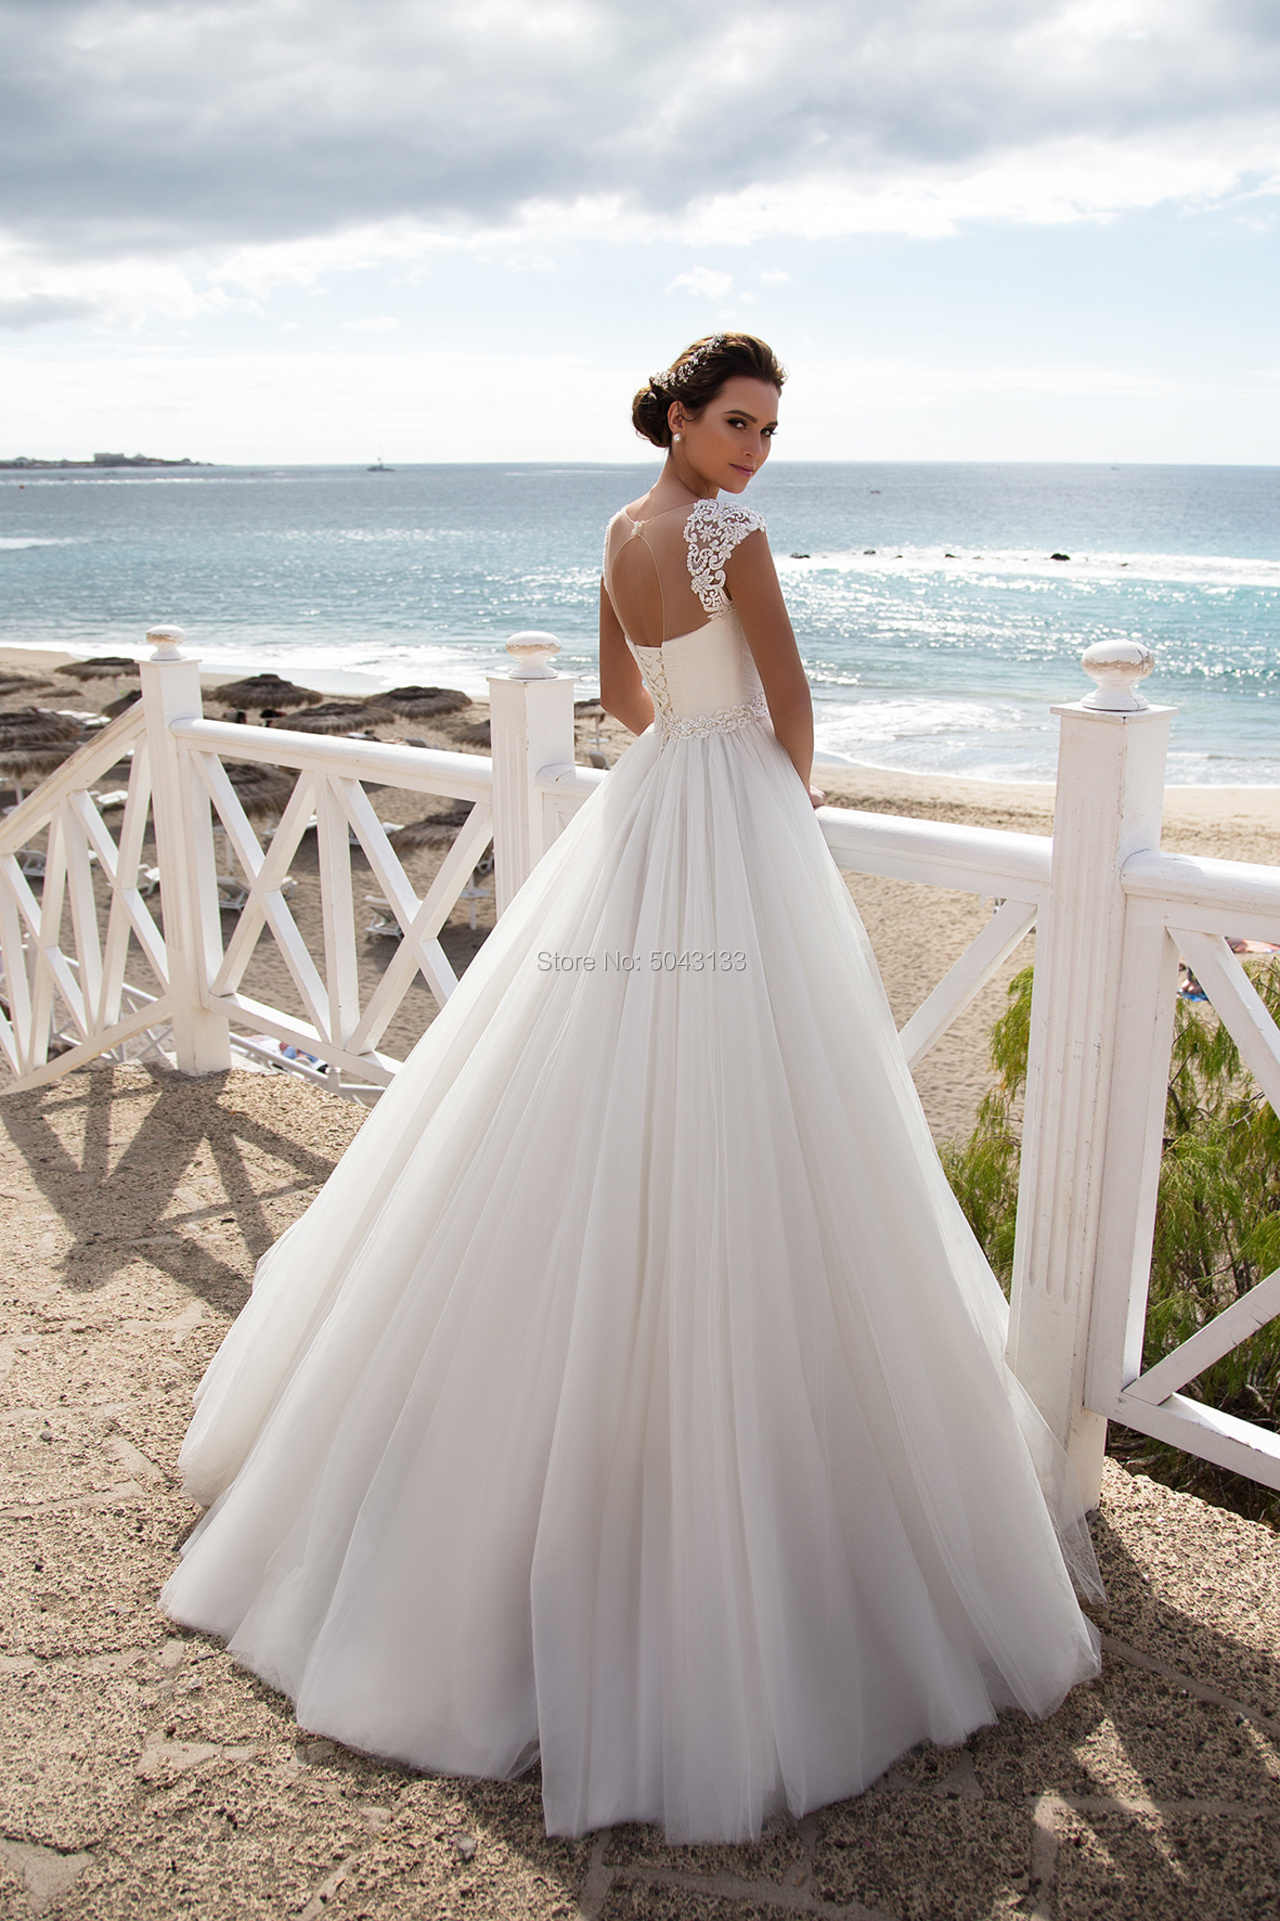 Balo Tül Gelinlik 2019 Illusion Sevgiliye Dantel Aplikler Sapanlar Düğün gelinlikler Boncuklu Kanat ile Vestidos